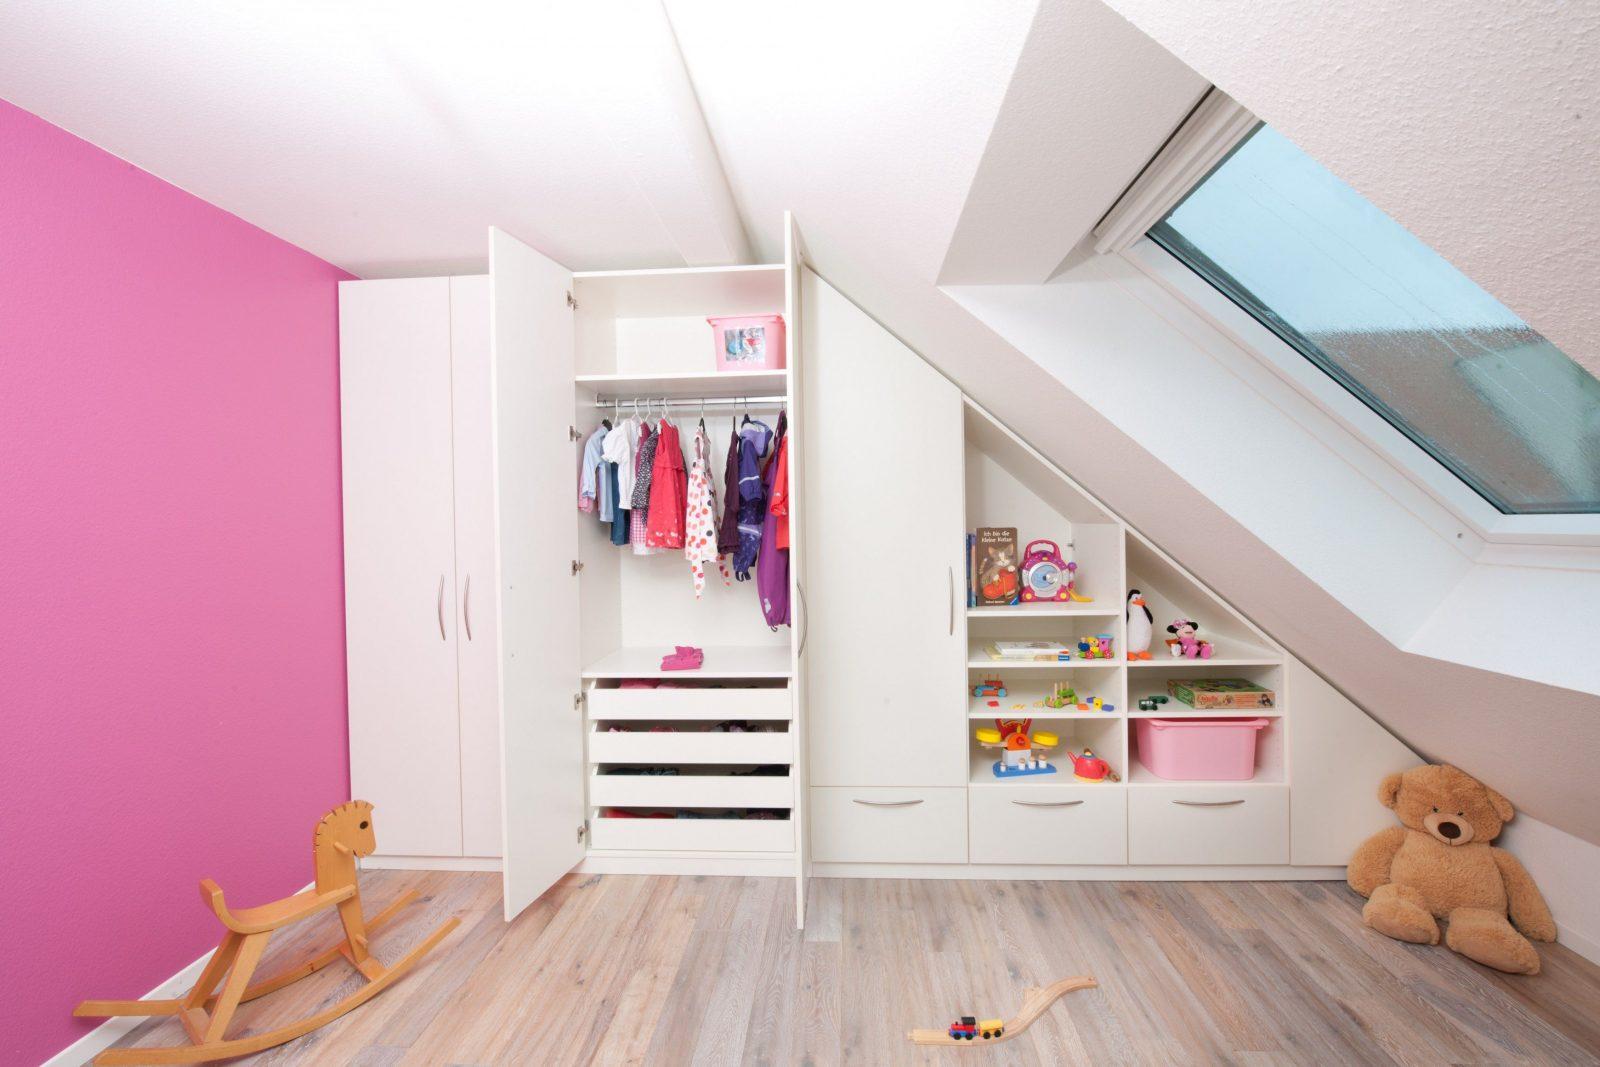 Kleine Kche Dachschrge Awesome Wohnkultur Grau Schlafzimmer von Kleines Kinderzimmer Mit